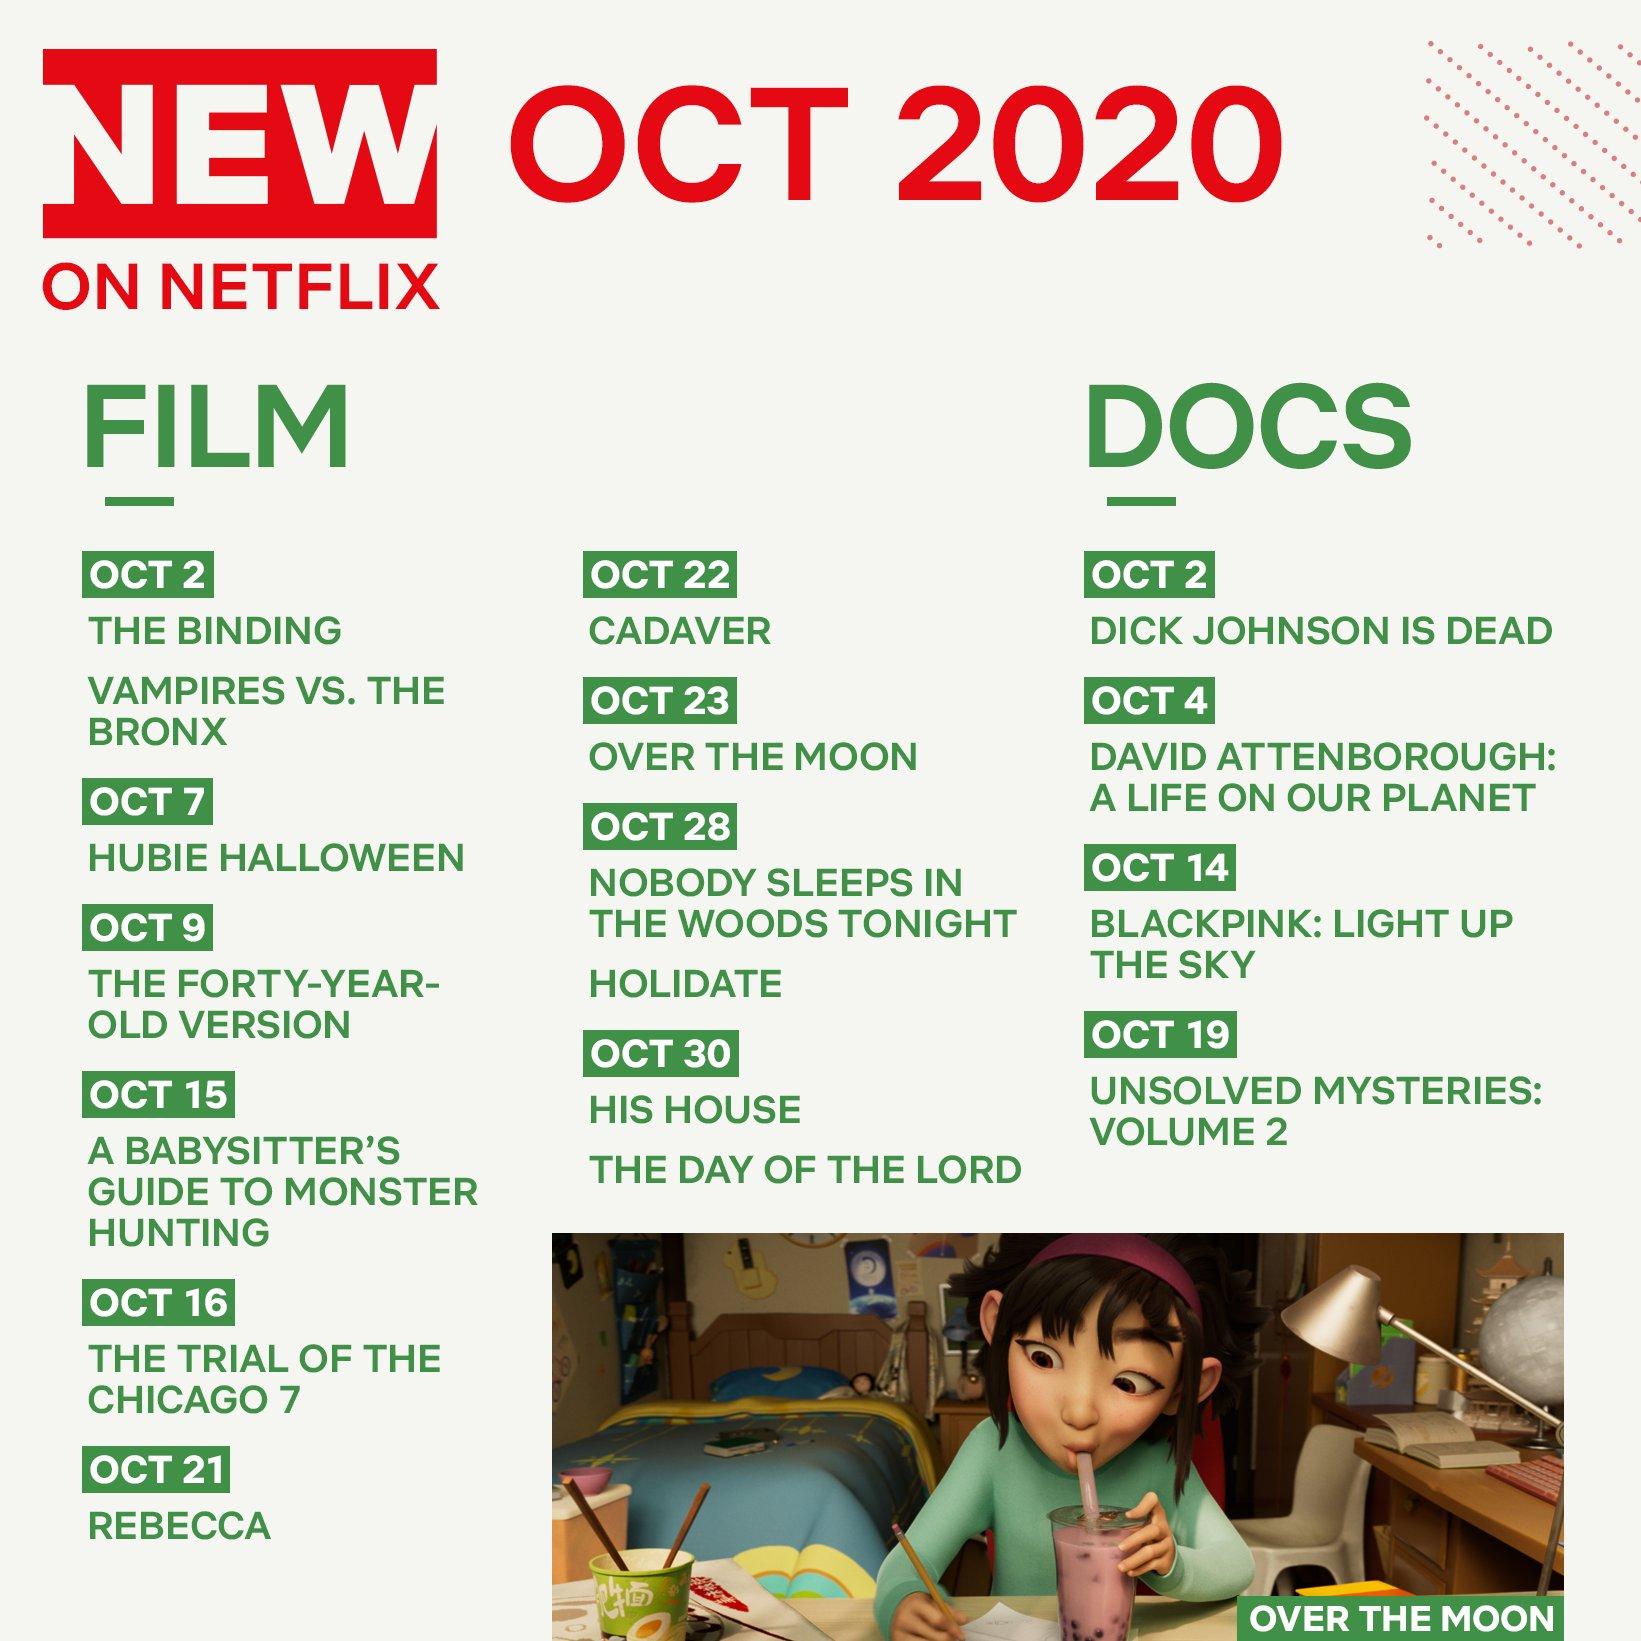 Οι ταινίες που έρχονται στο Netflix τον Οκτώβρη